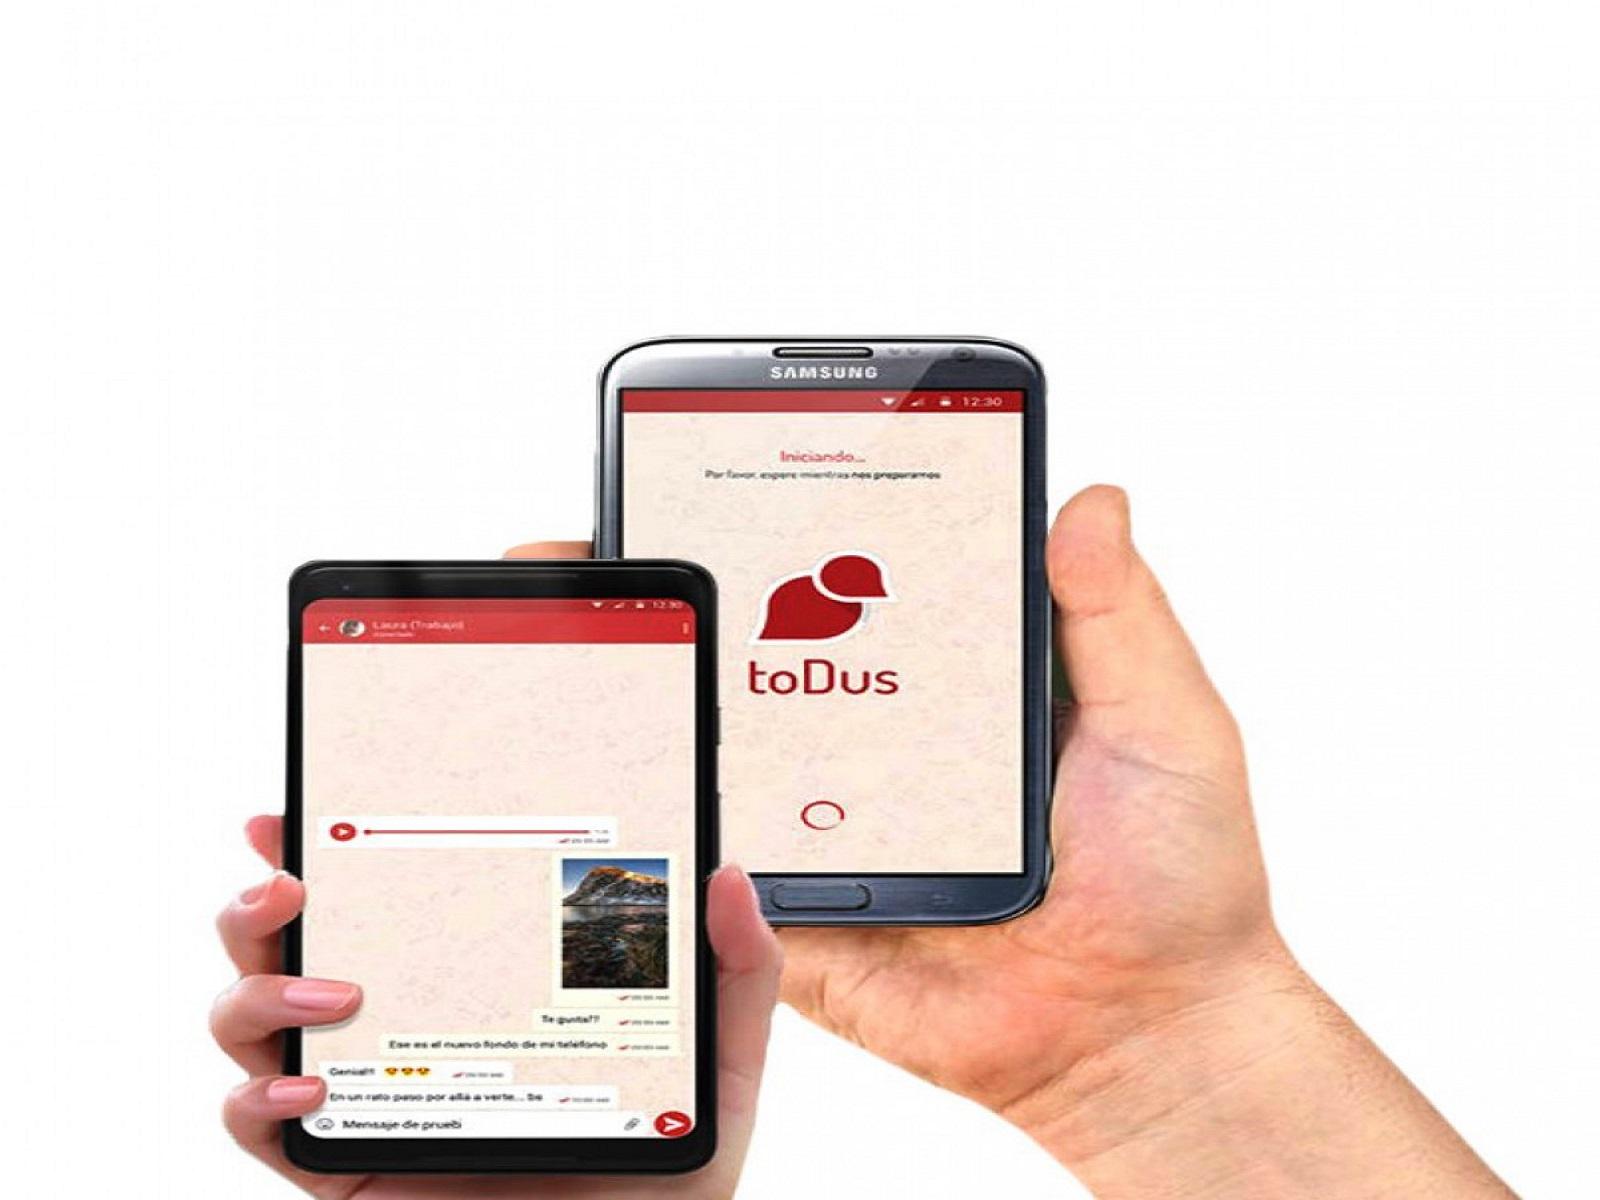 toDus es una aplicación que brinda frescura al panorama digital nacional.